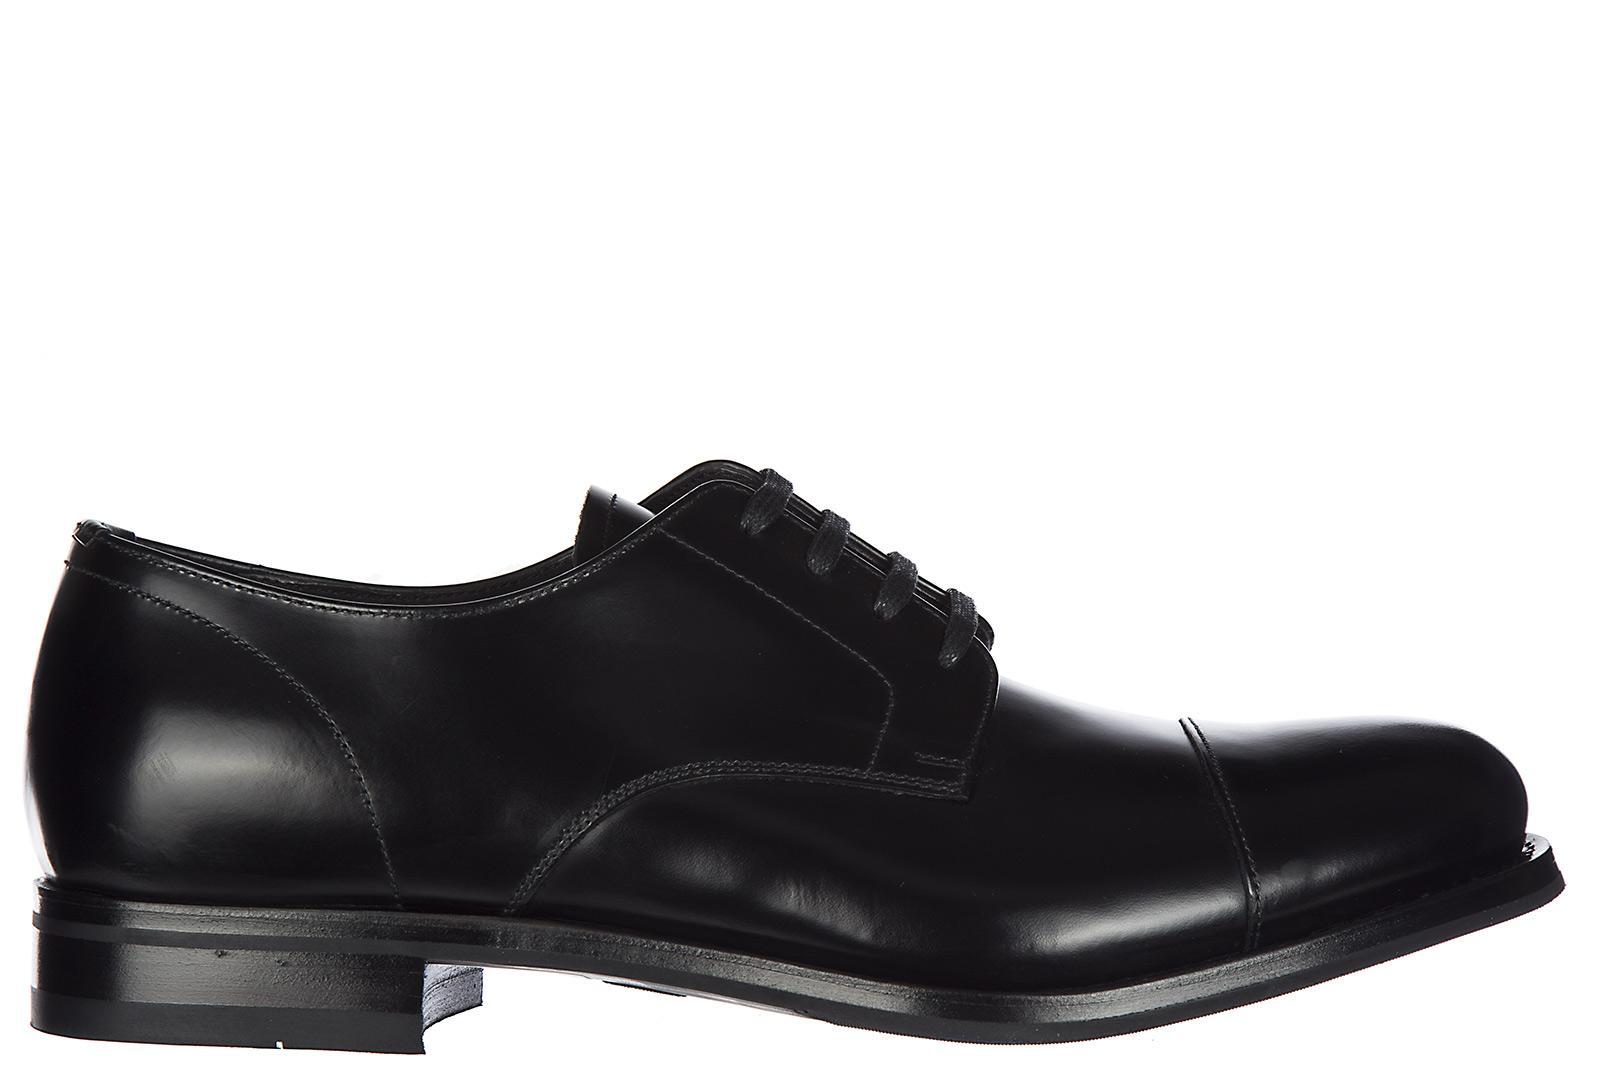 competitive price 15f84 993f8 Herrenschuhe Leder Herren Business Schuhe Schnürschuhe Derby Rois in Black